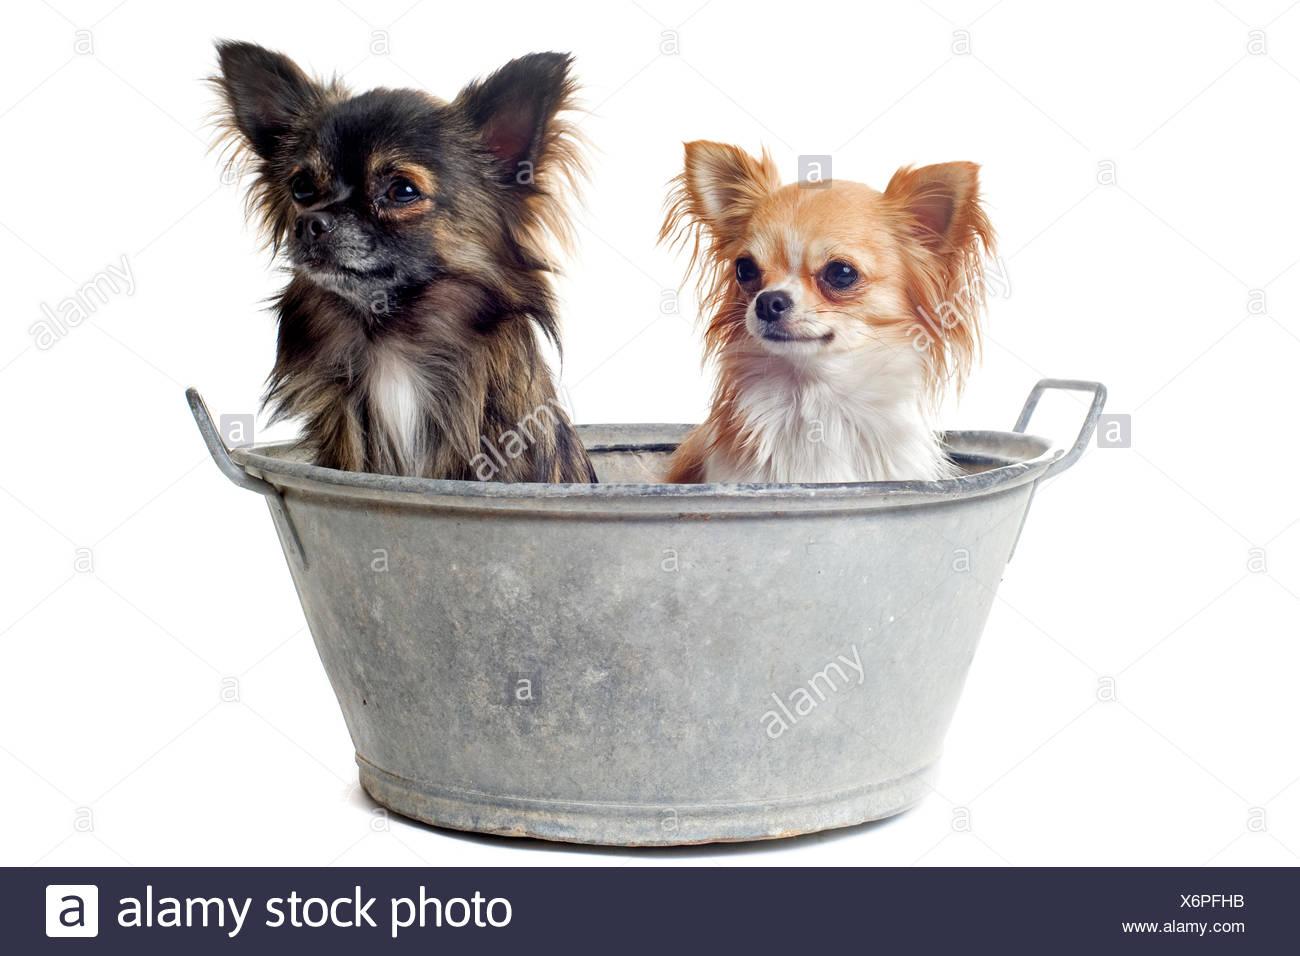 Hund Hunde Welpen Badewanne Badewanne Badewanne Zwei Schöne